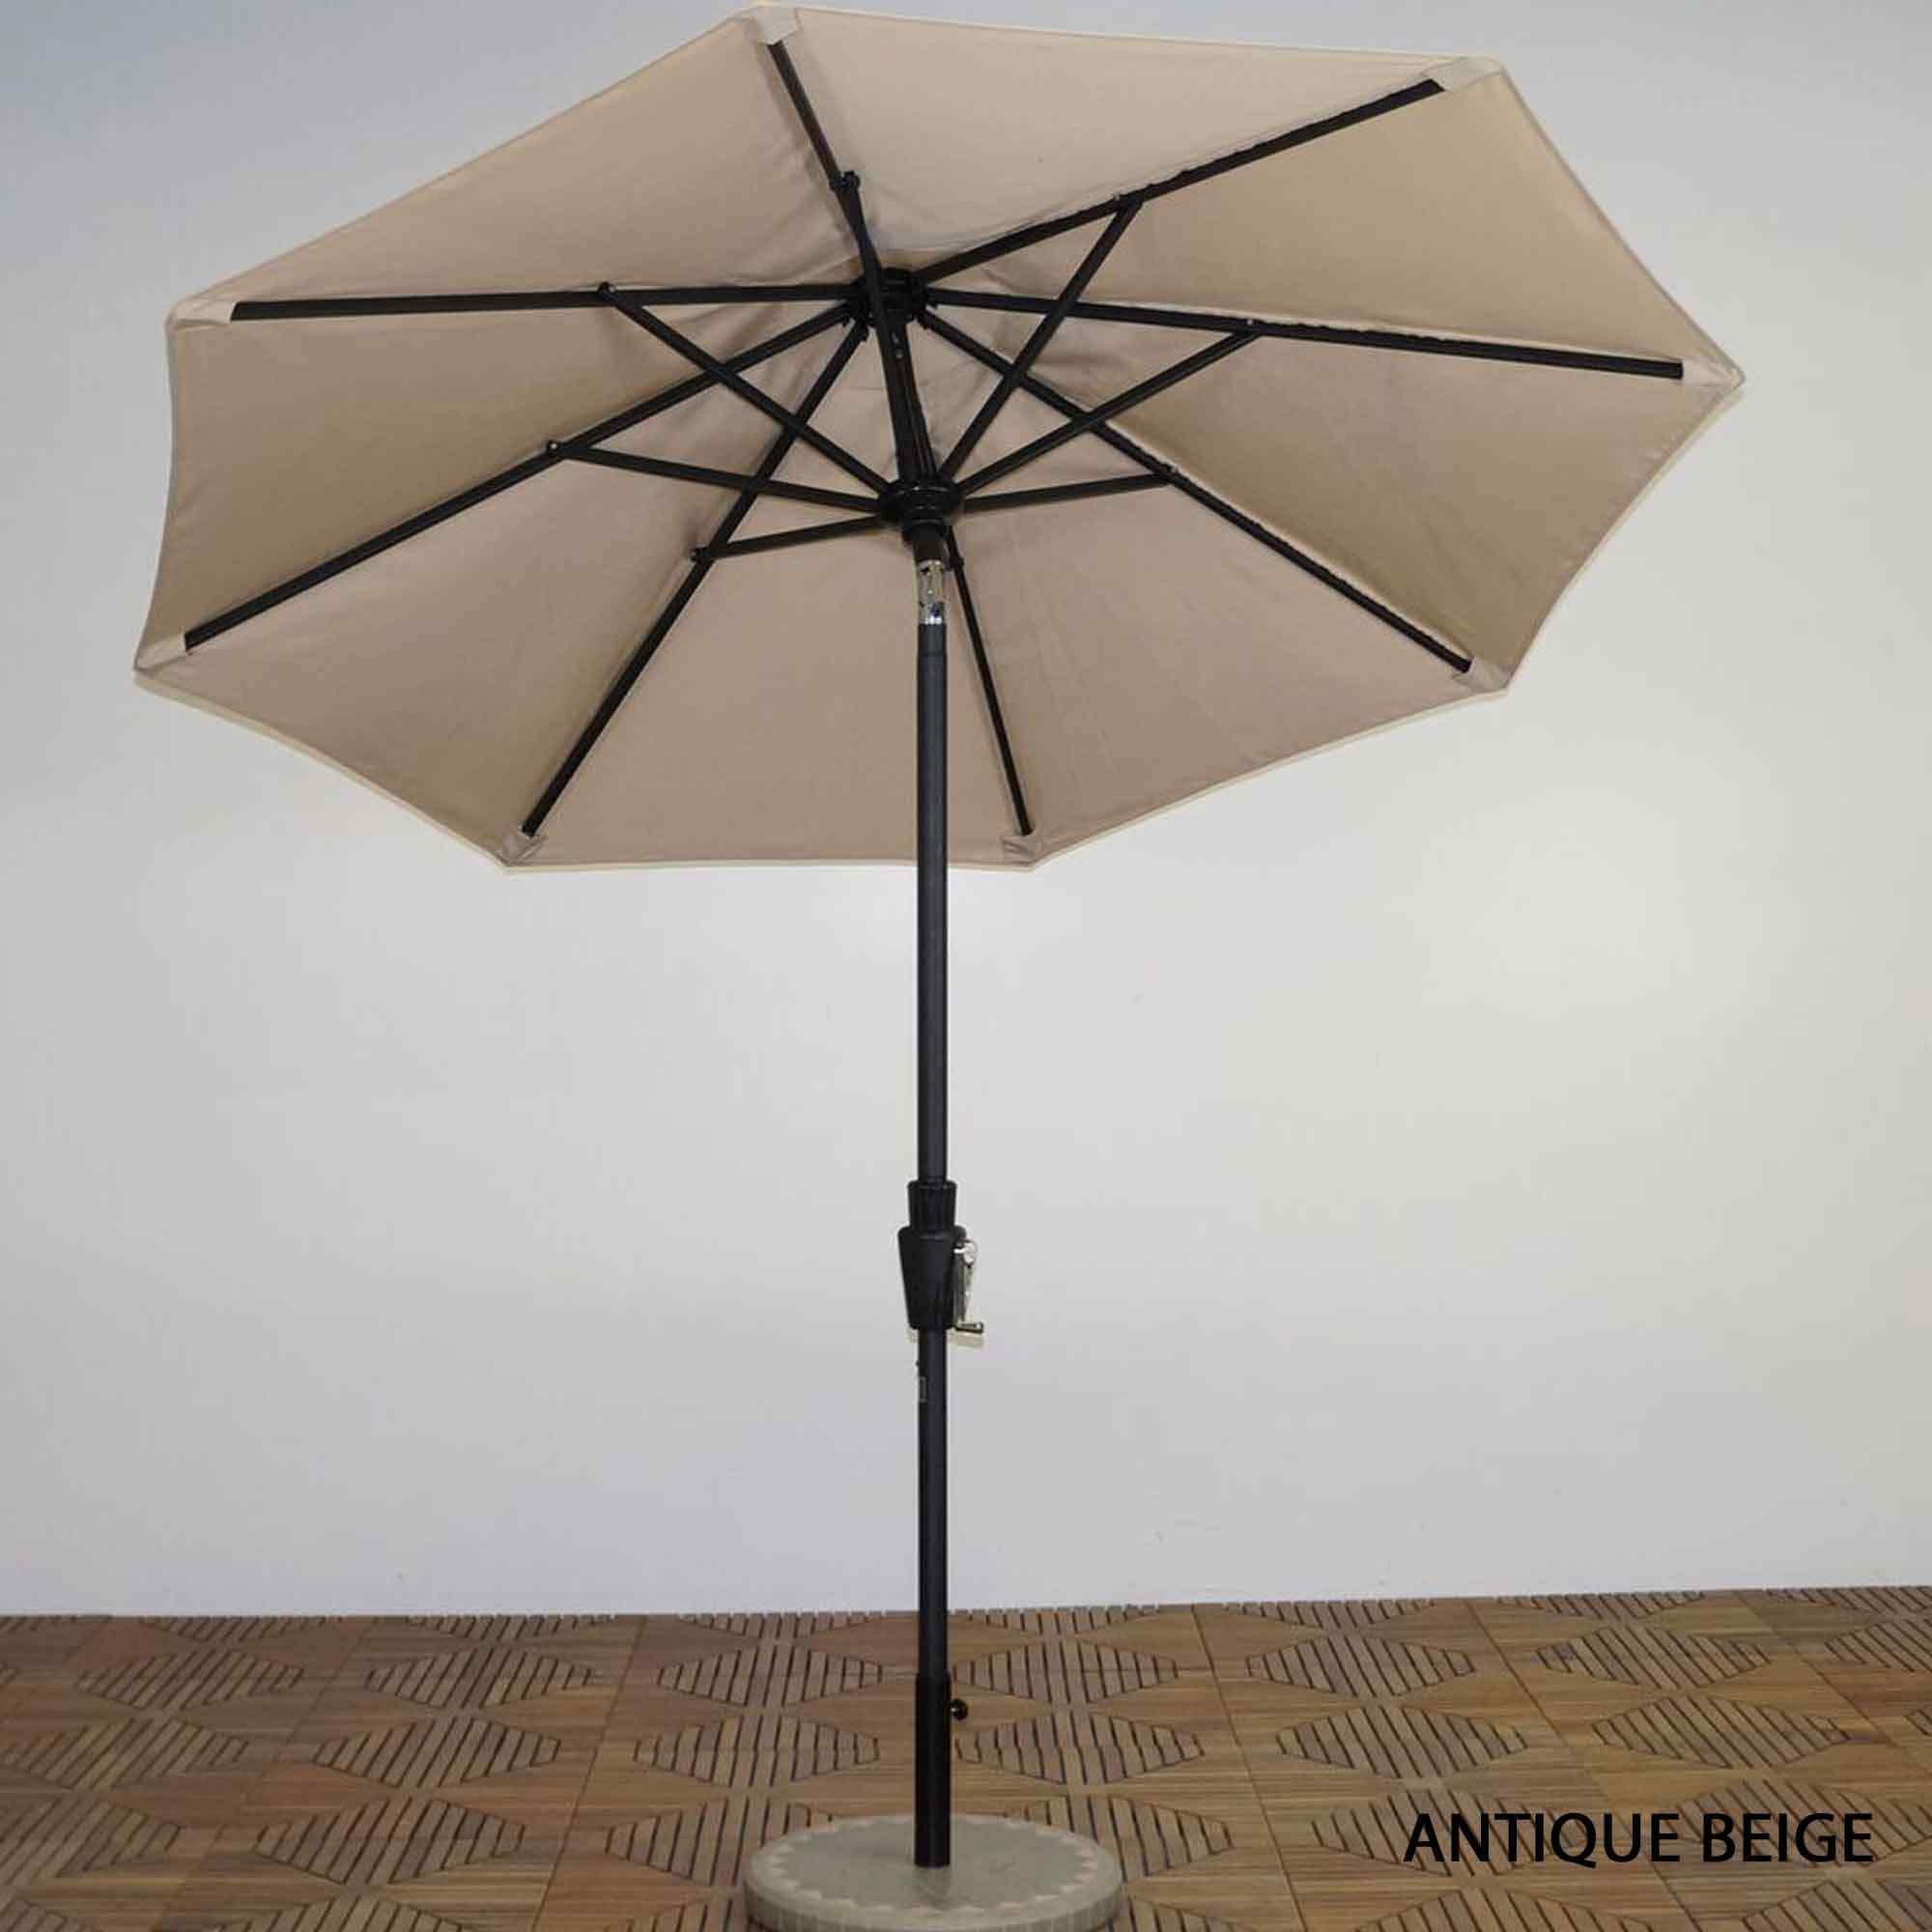 ... 7.5 ft Rib Premium Market Umbrella in 4 Colors-Outdura Canopy material ... & 7.5 ft Rib Premium Market Umbrella in 4 Colors | DFOHome